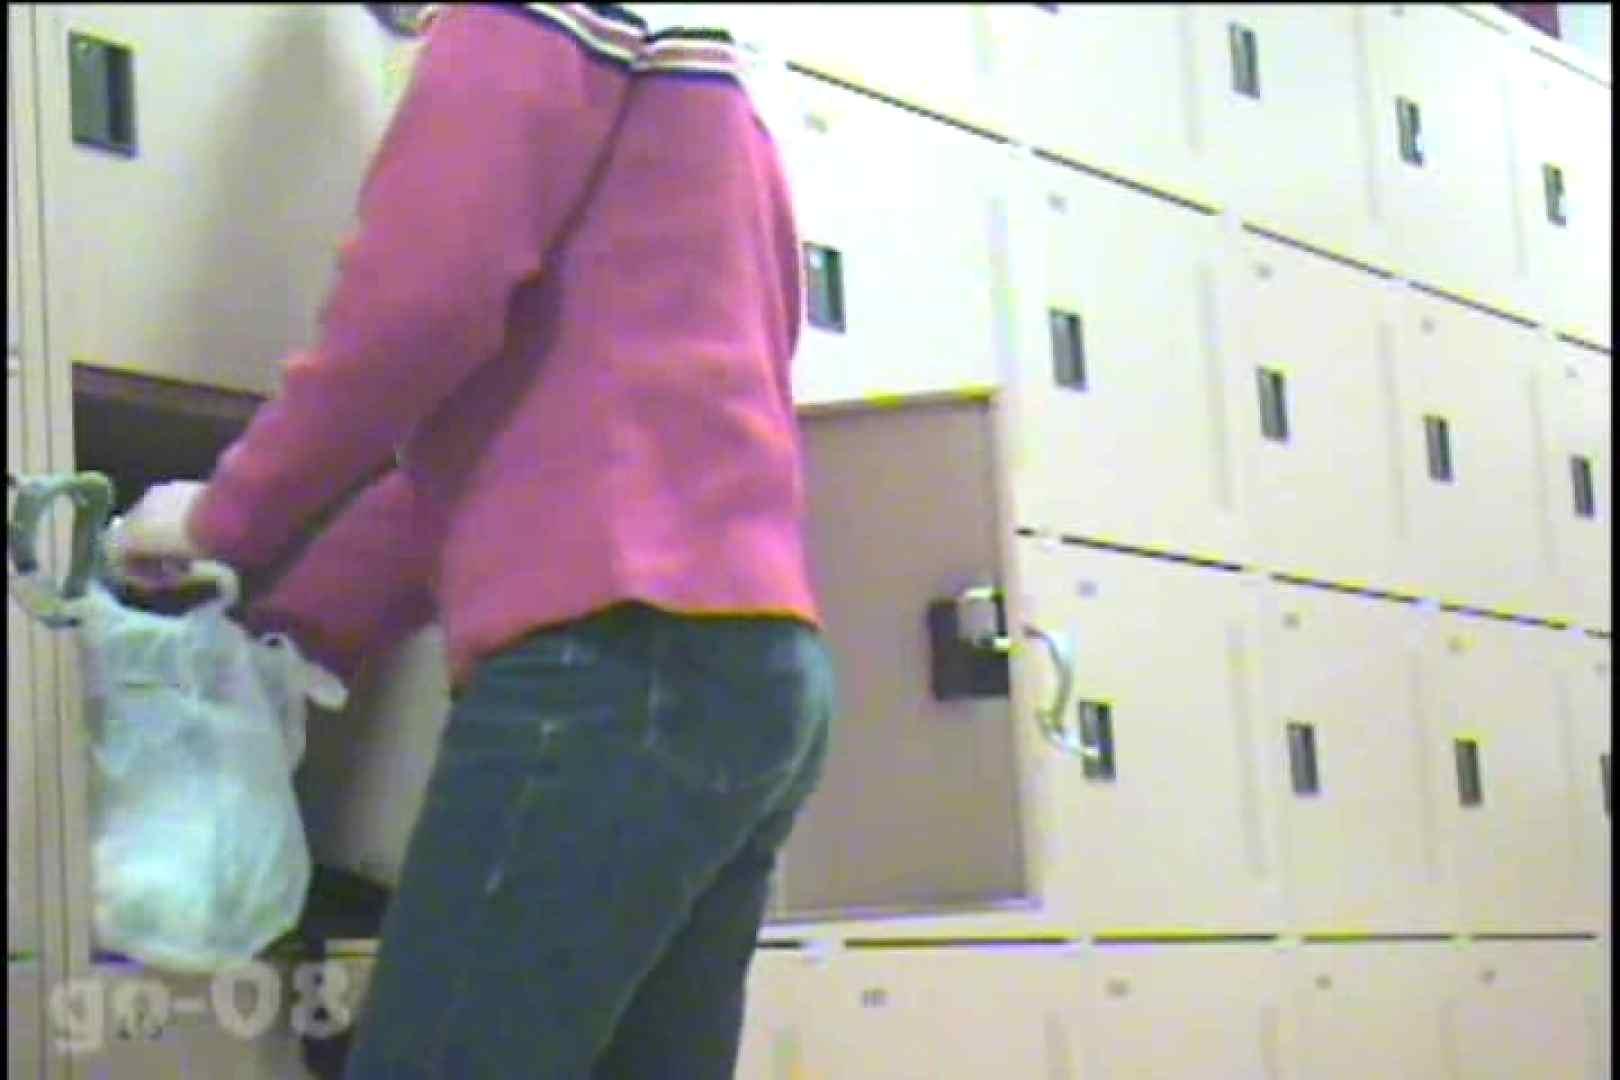 電波カメラ設置浴場からの防HAN映像 Vol.08 盗撮  101PIX 94